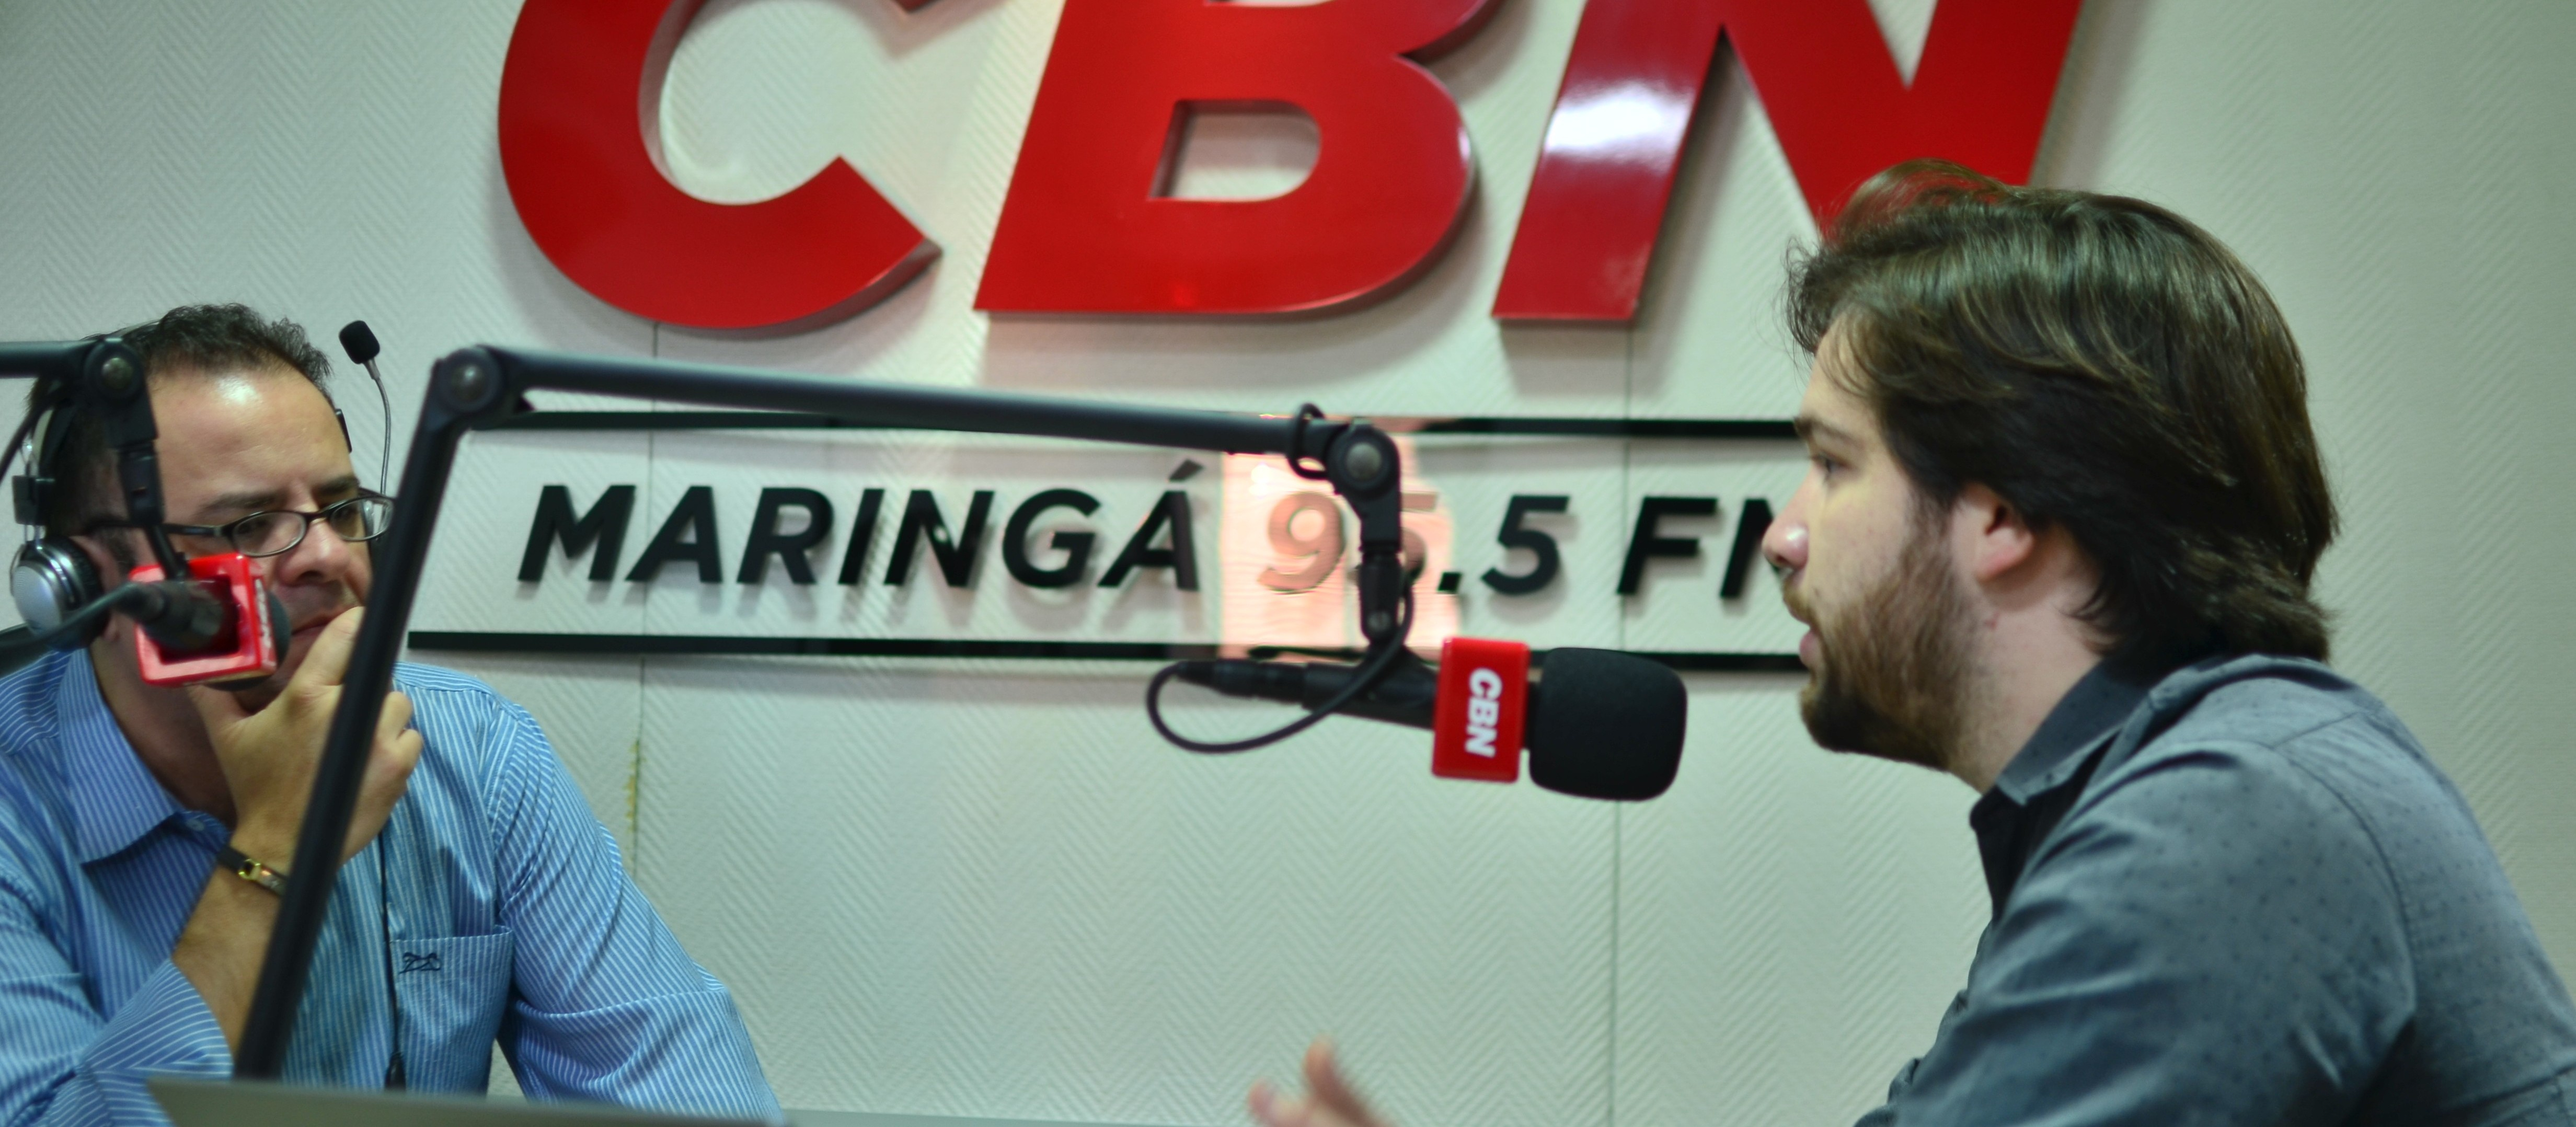 Sobretaxa do aço afeta negativamente o Brasil